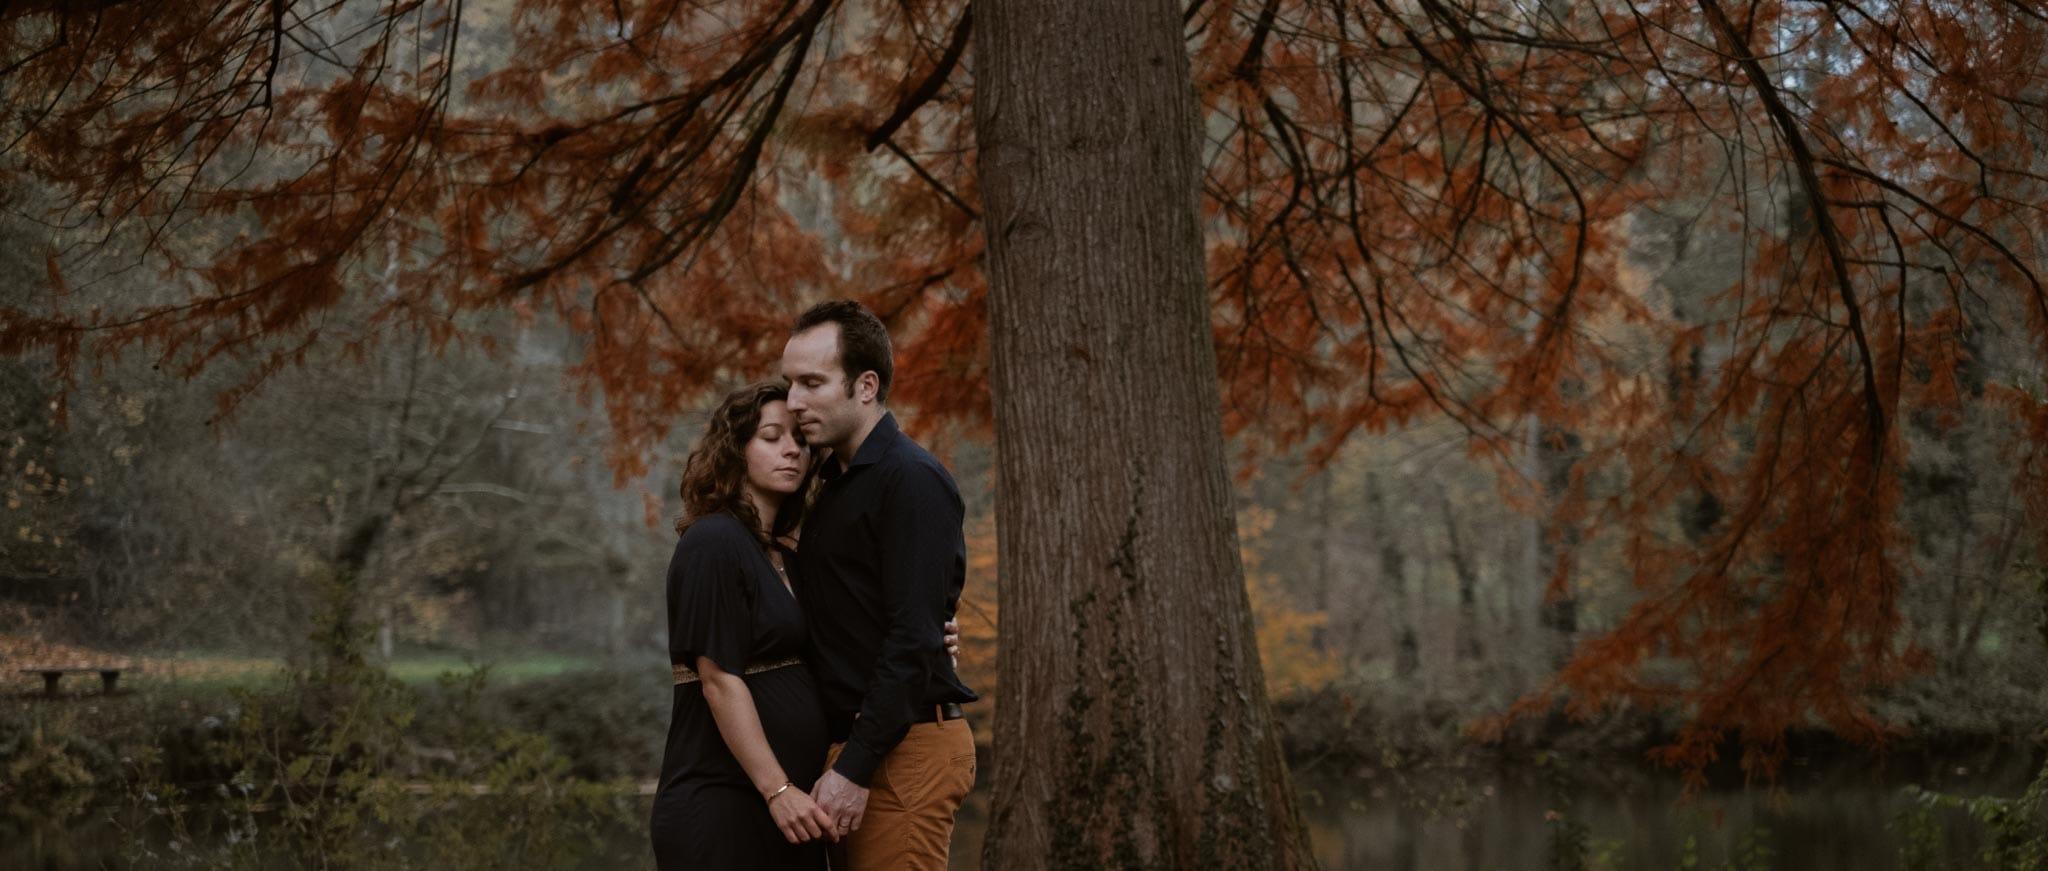 Séance photo de grossesse et futurs parents en extérieur, à l'ambiance poétique, en forêt à l'automne près de Clisson par Geoffrey Arnoldy photographe